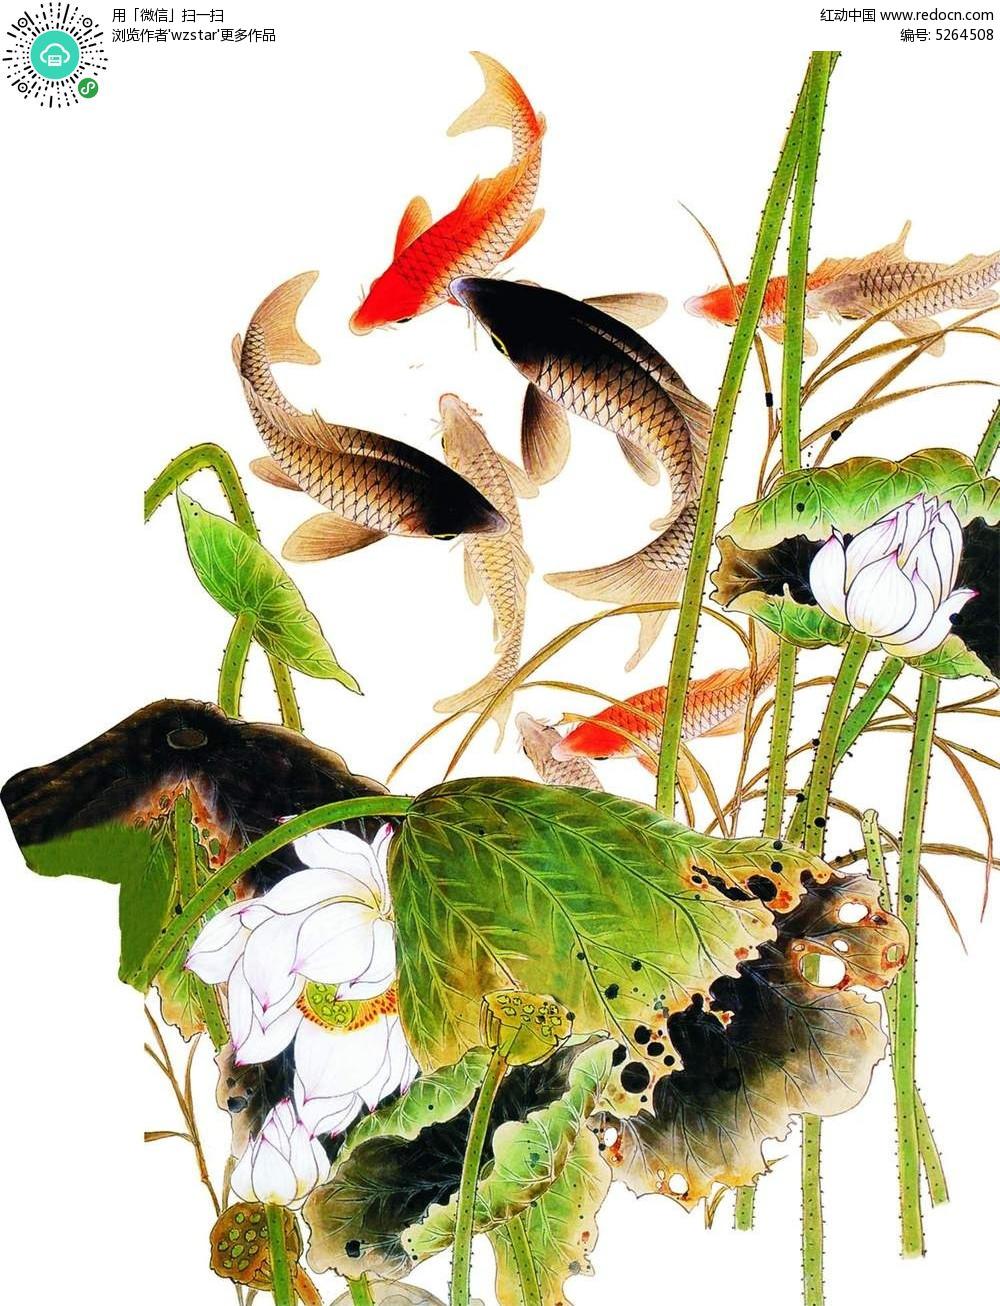 水墨画 中国风 背景素材